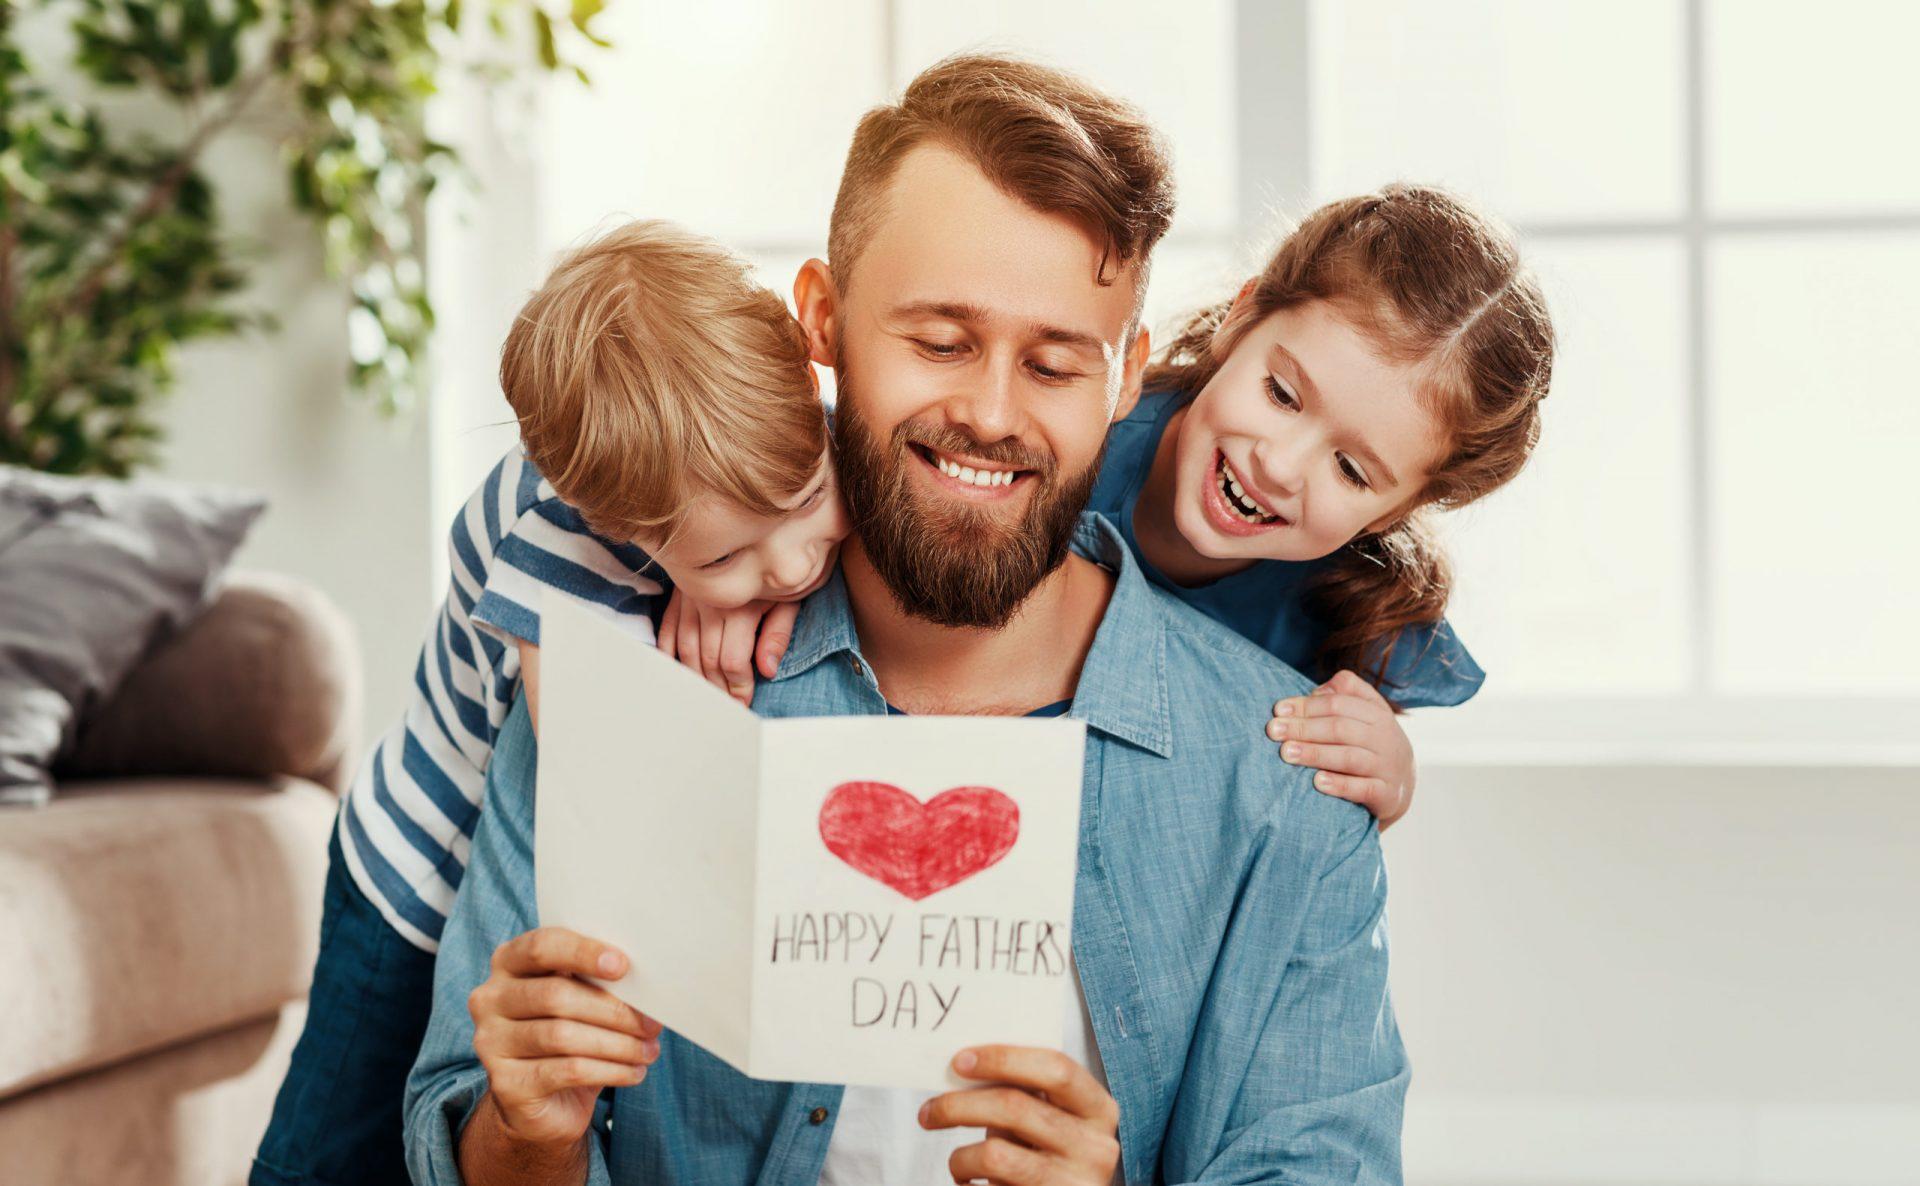 La fête des pères: des idées de cadeaux écologiques et naturels